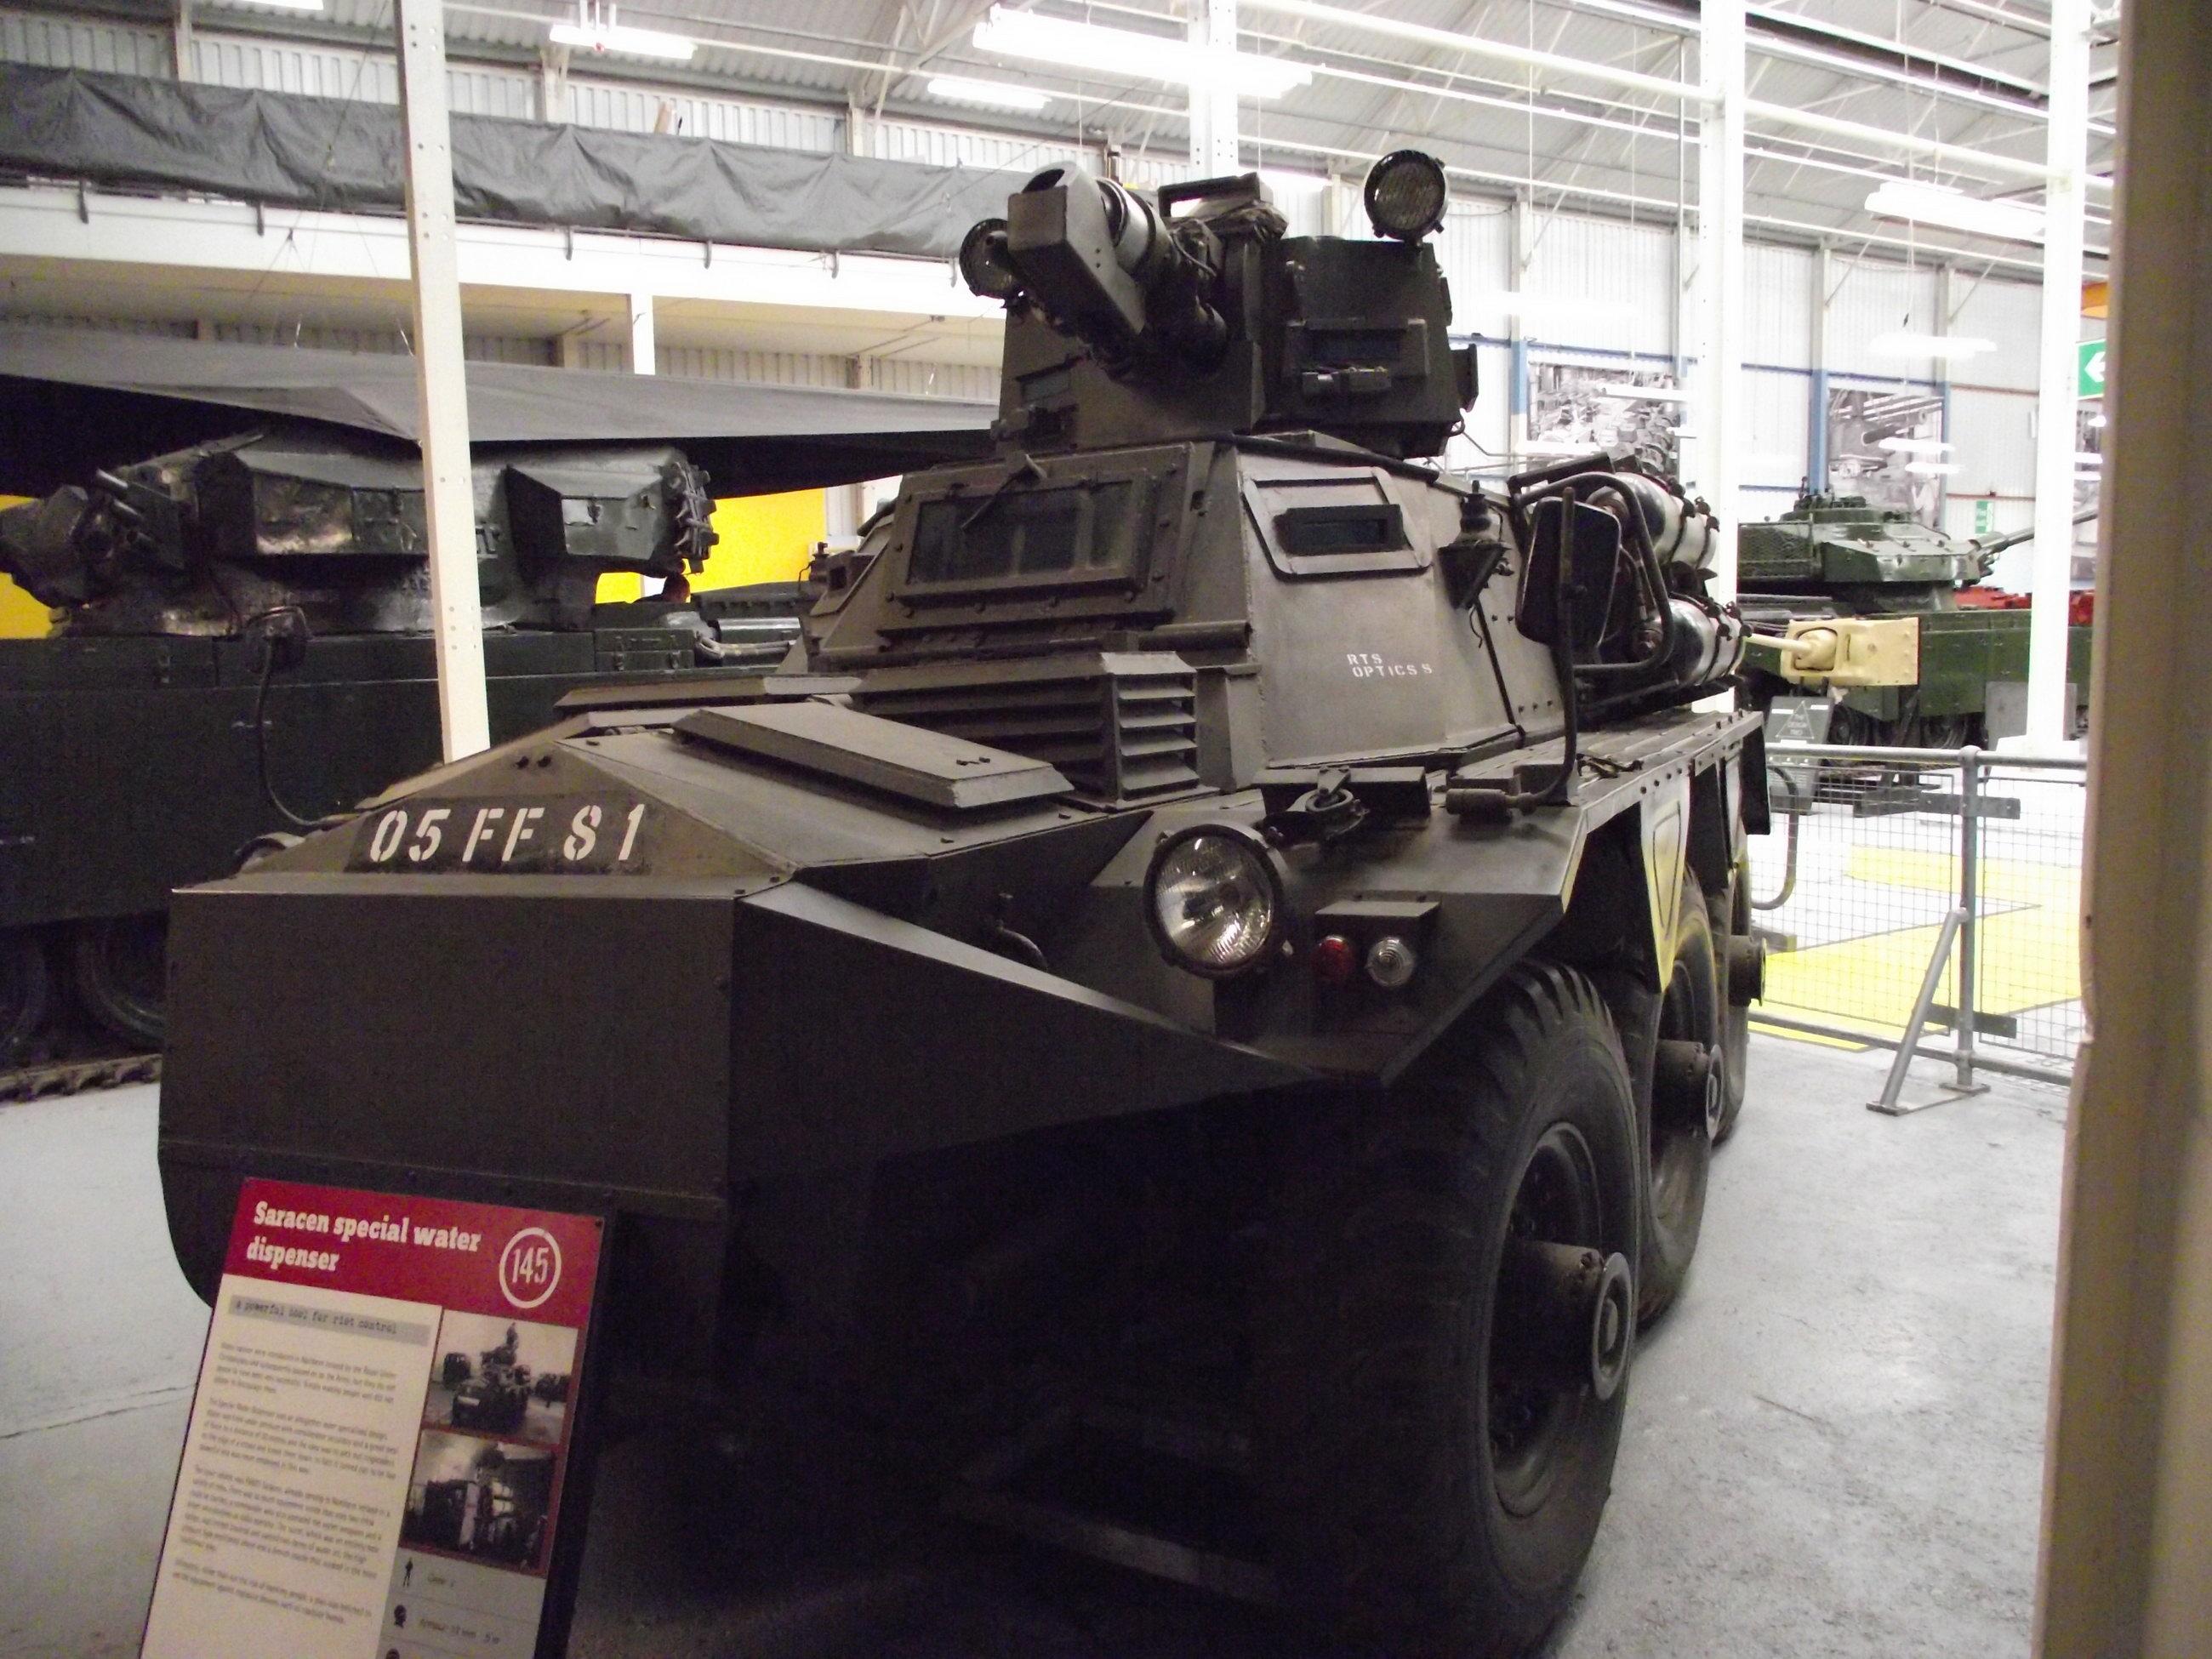 Tank_Museum_20180919_057.jpg